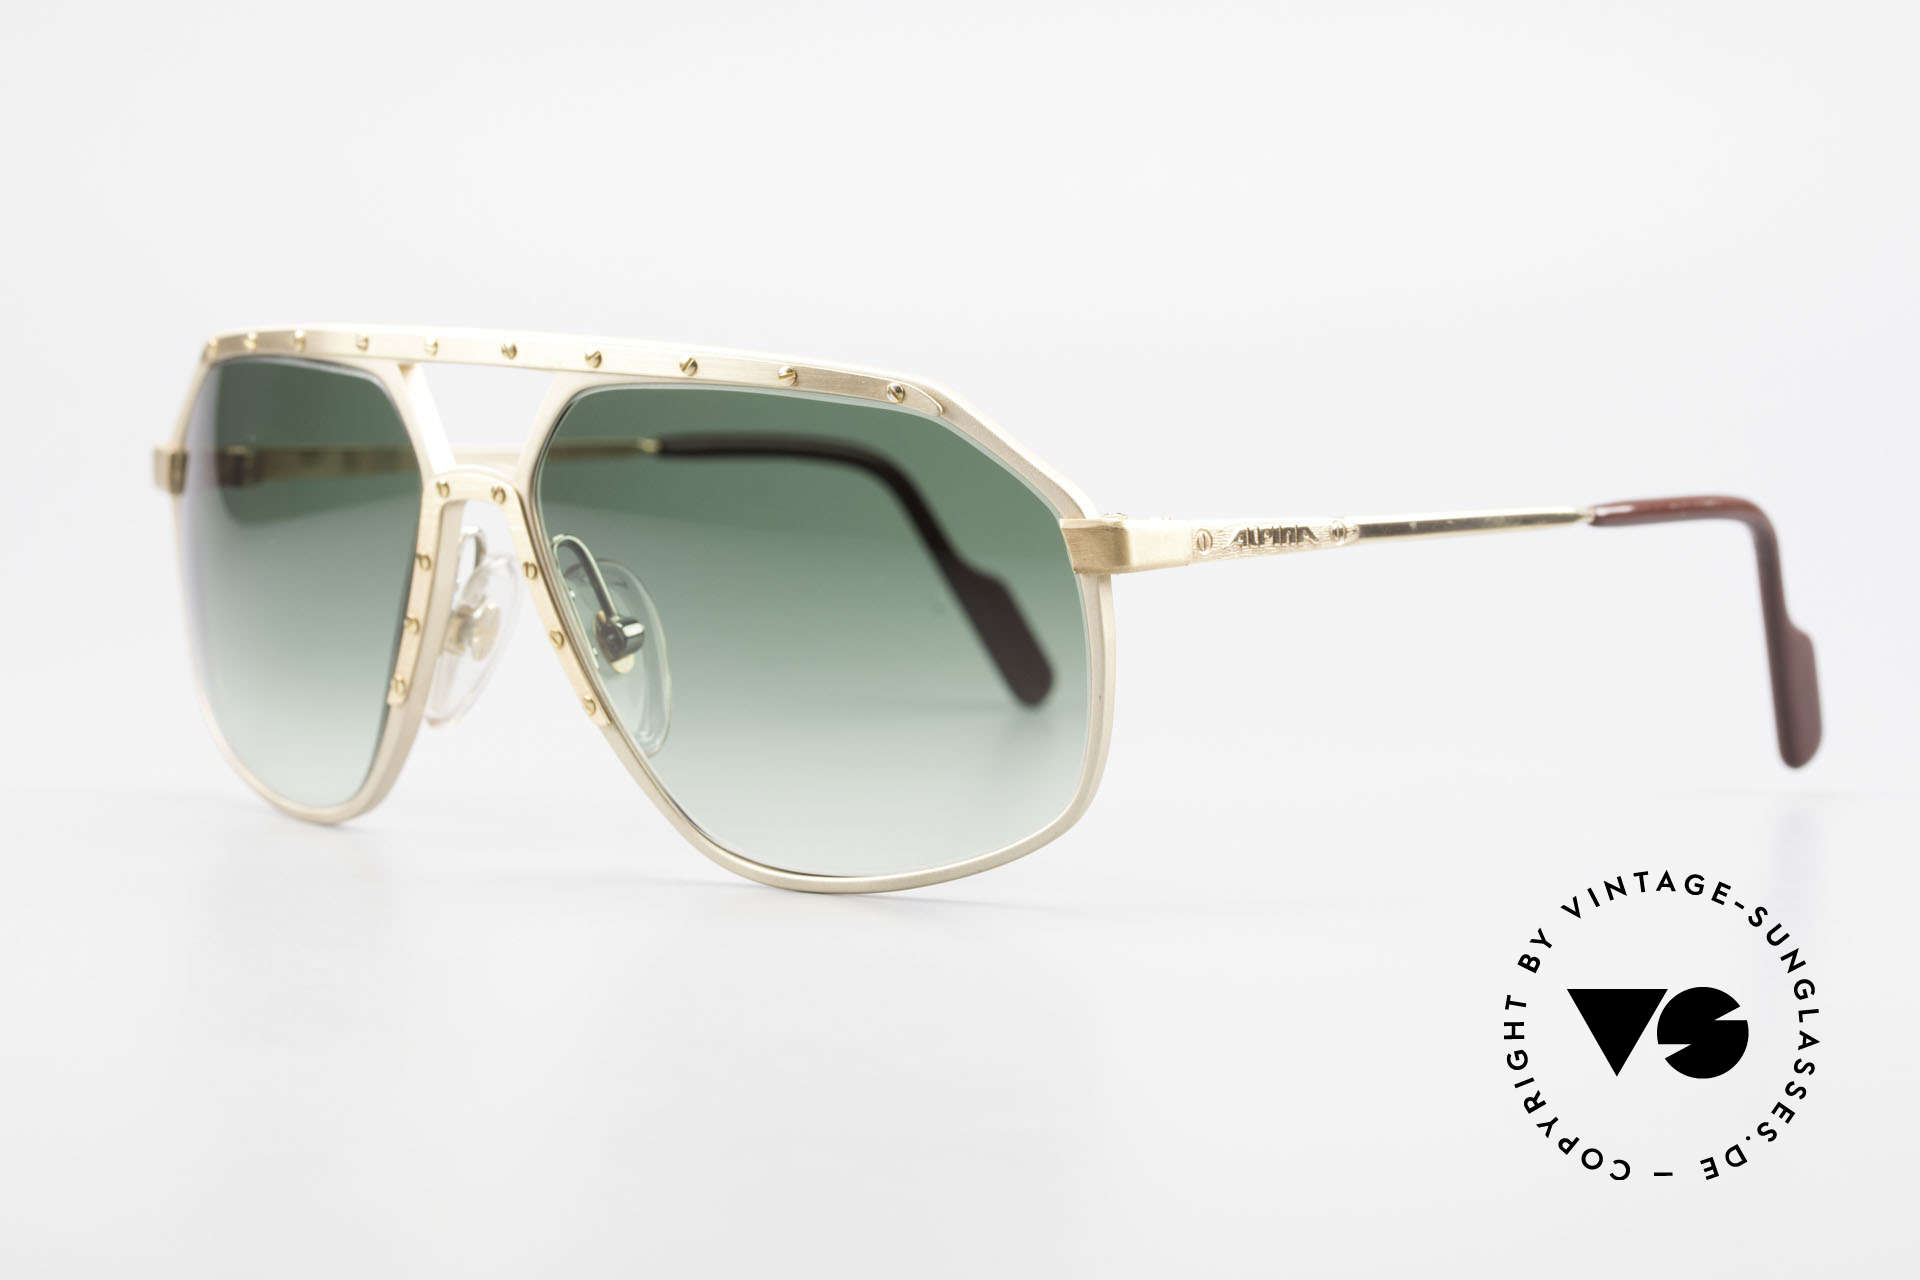 Alpina M6 Legendäre 80er Sonnenbrille, weltberühmt für sein Schrauben-Design; Gr. 60-14, Passend für Herren